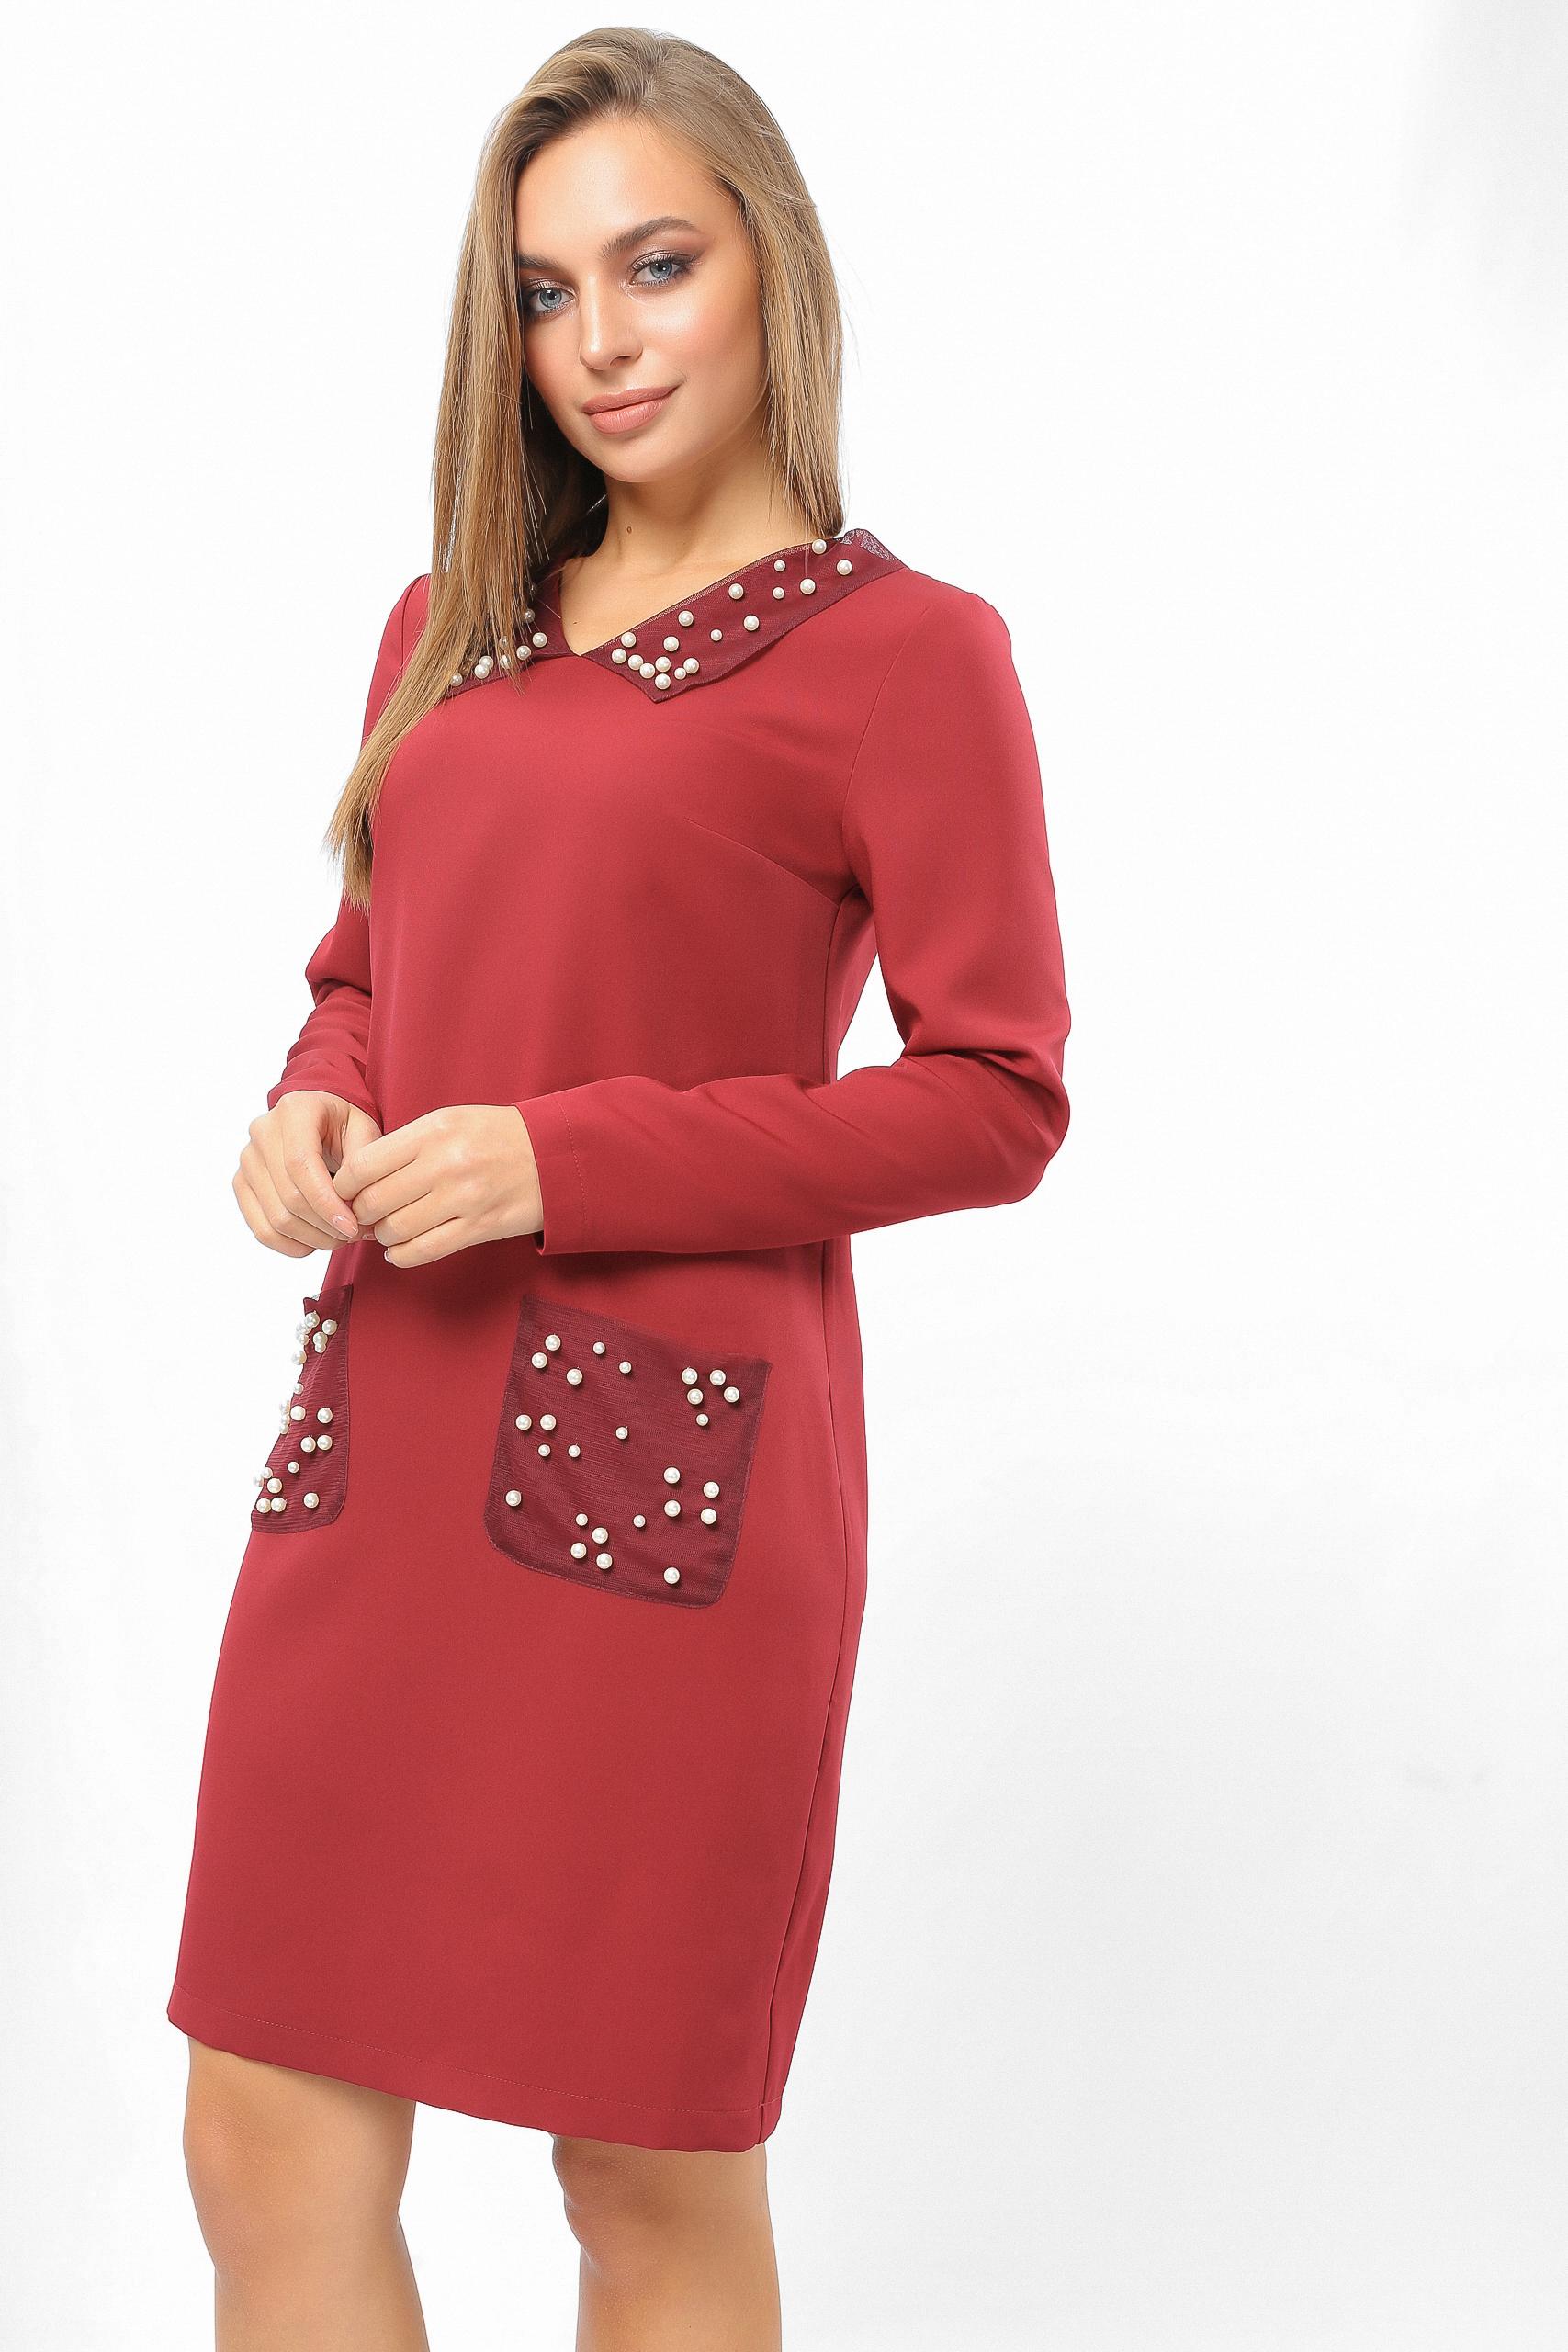 Сукня з перловими кишенями Бордо Lipar